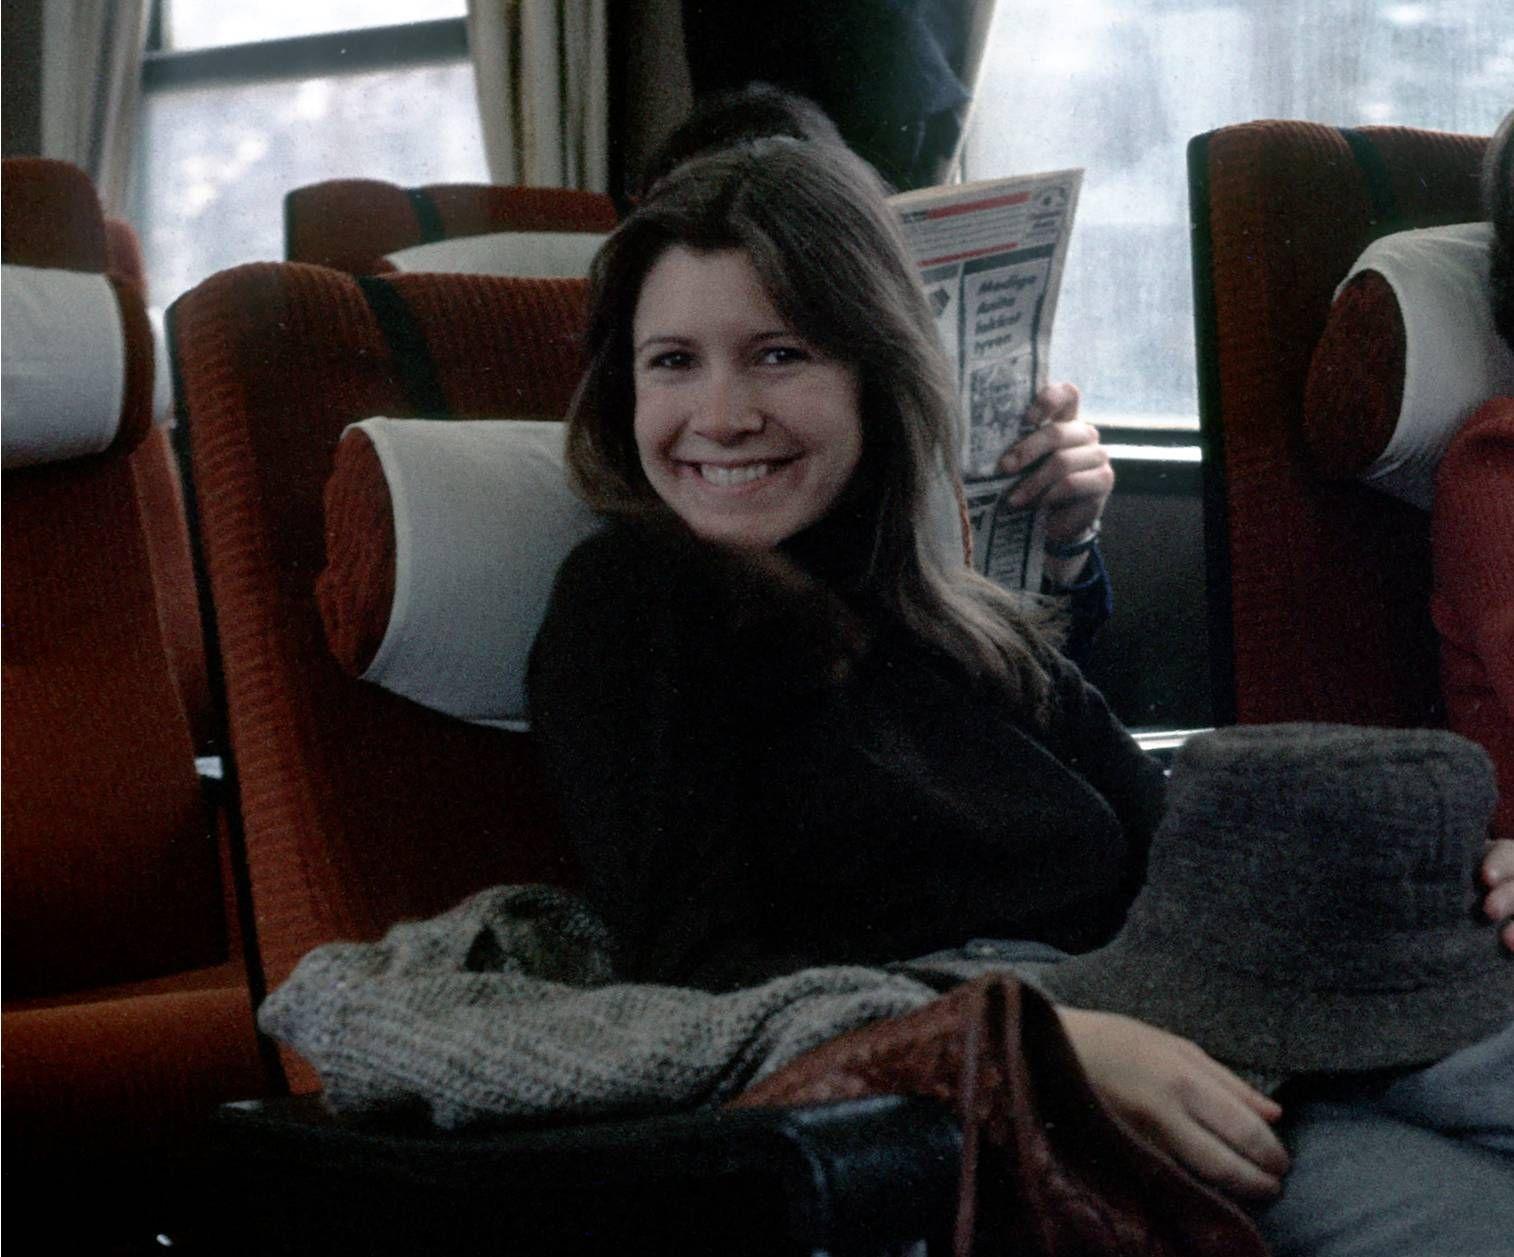 HATTEGLAD: Carrie Fisher på toget til Finse, kanskje med en hatt hun plukket opp i Oslo.